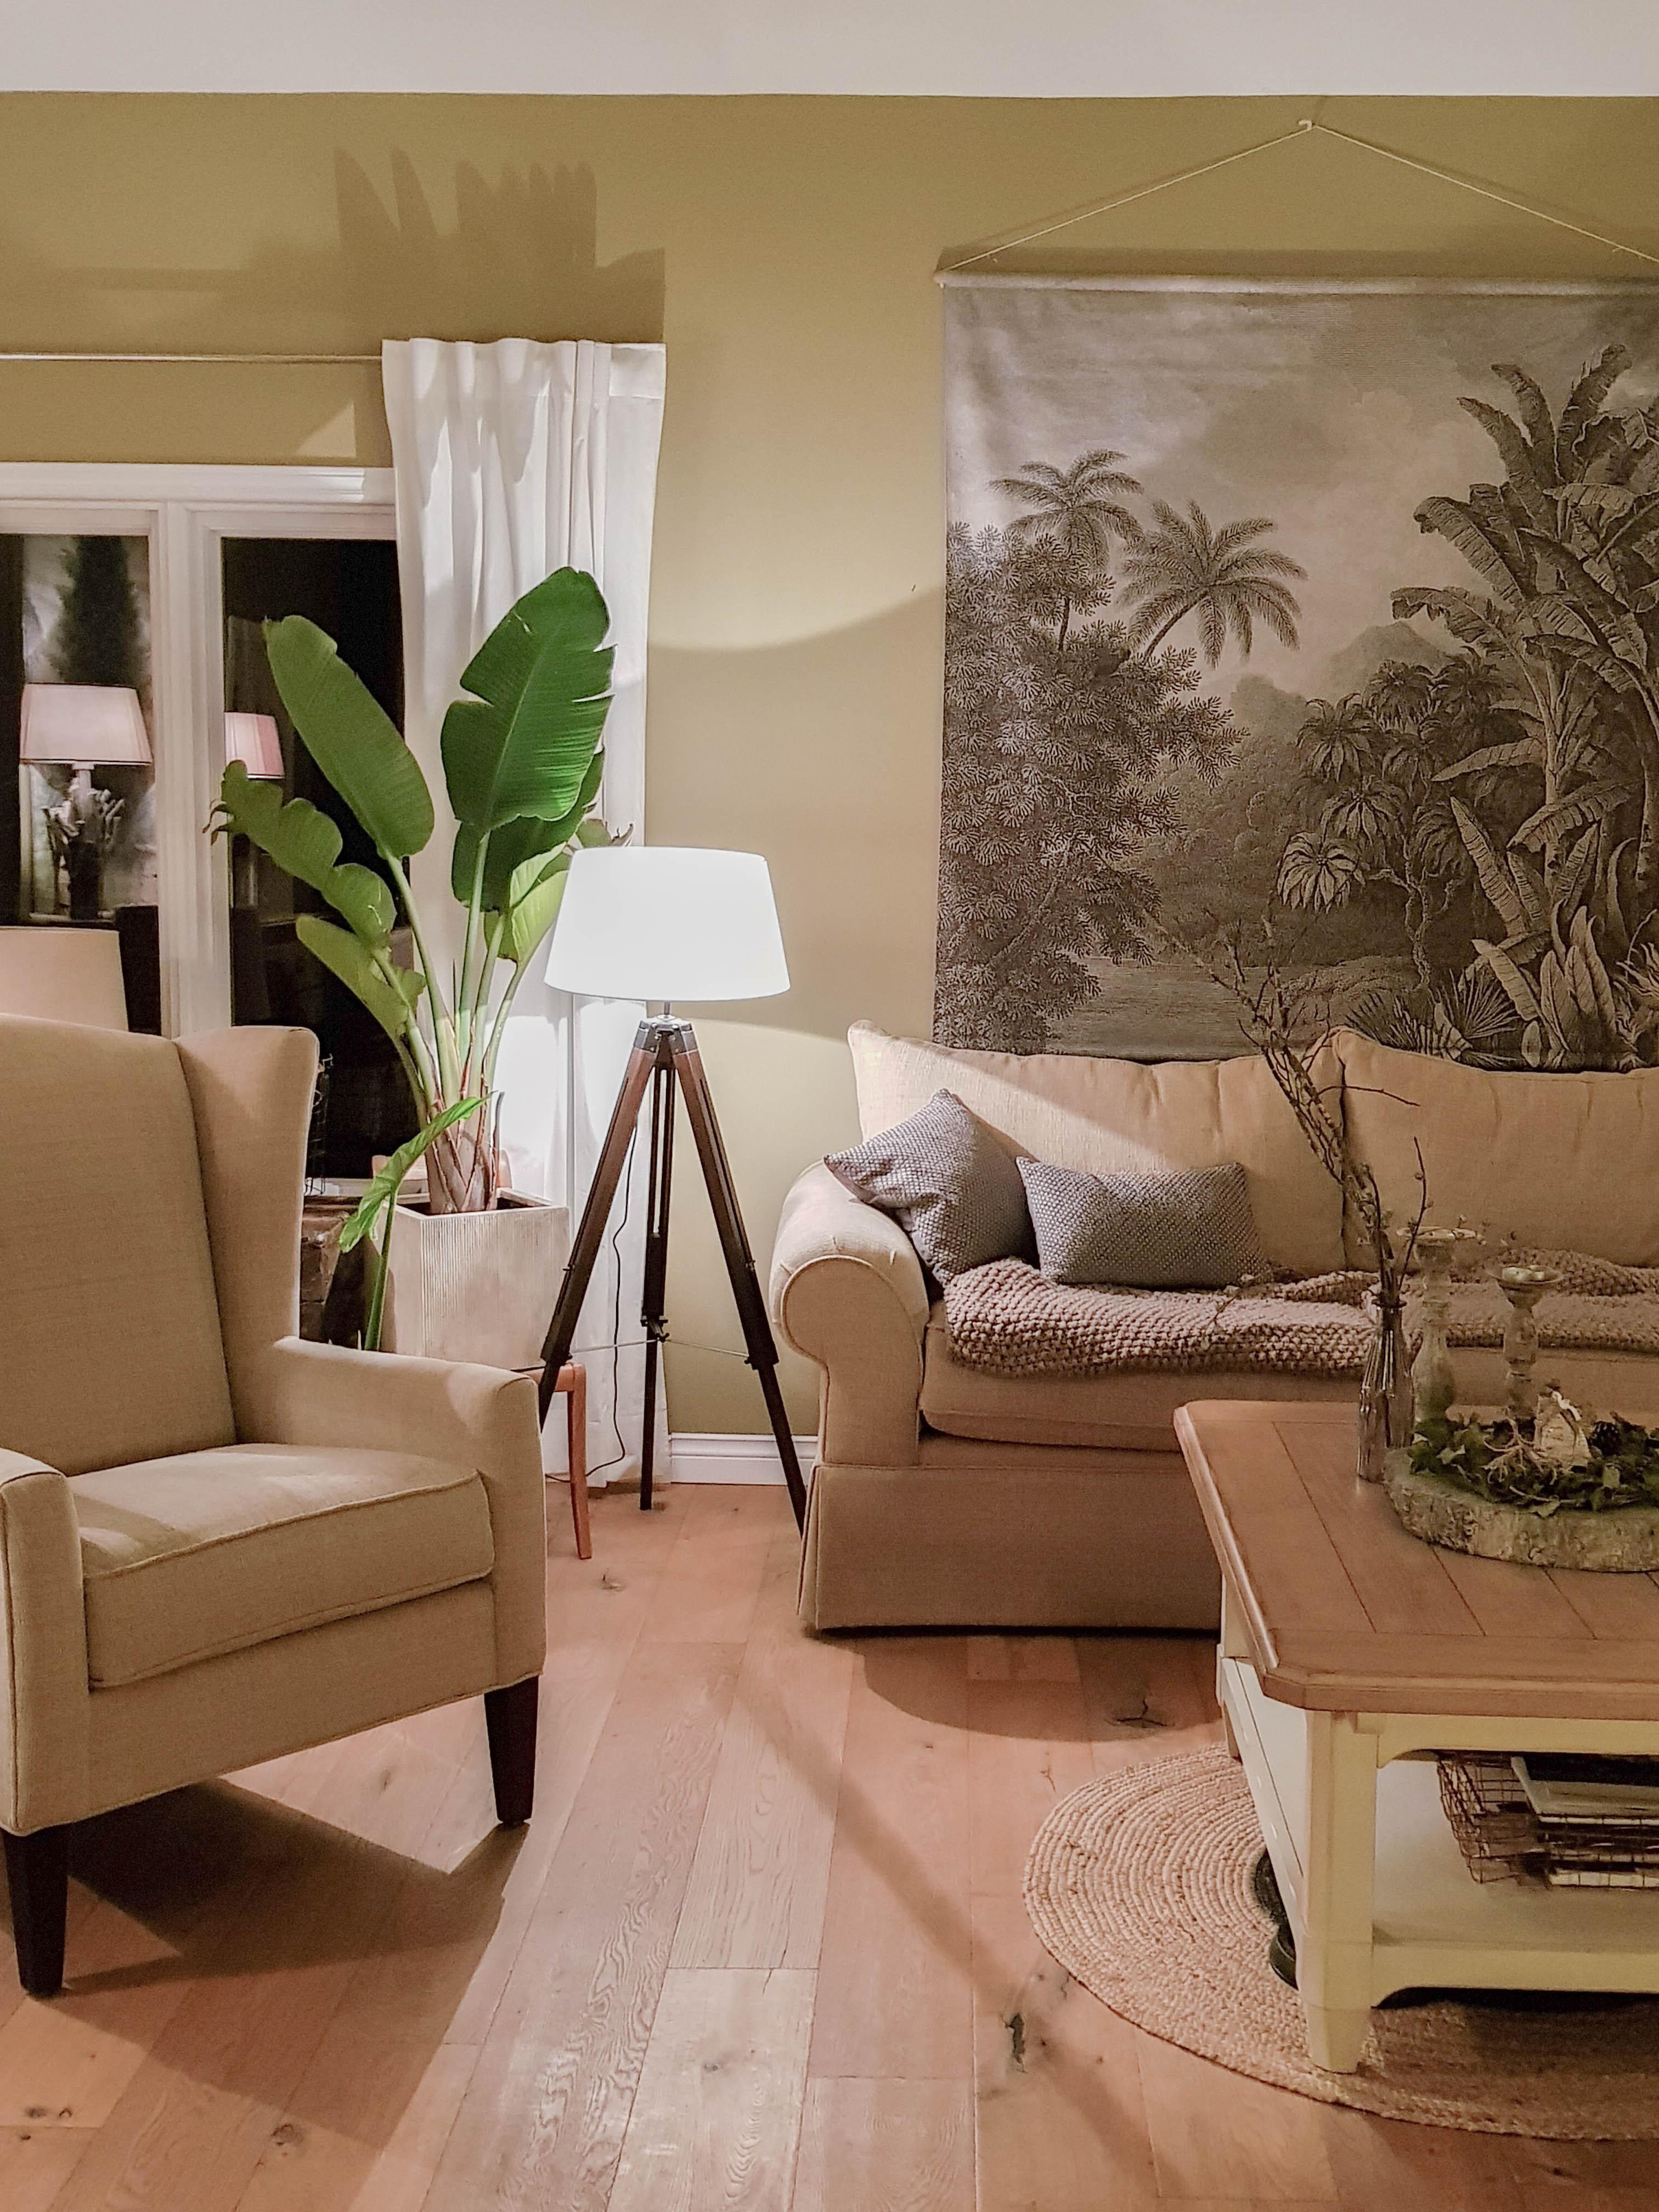 #wohnzimmer #interior #botanicalstyle #wohnen Amazing Pictures